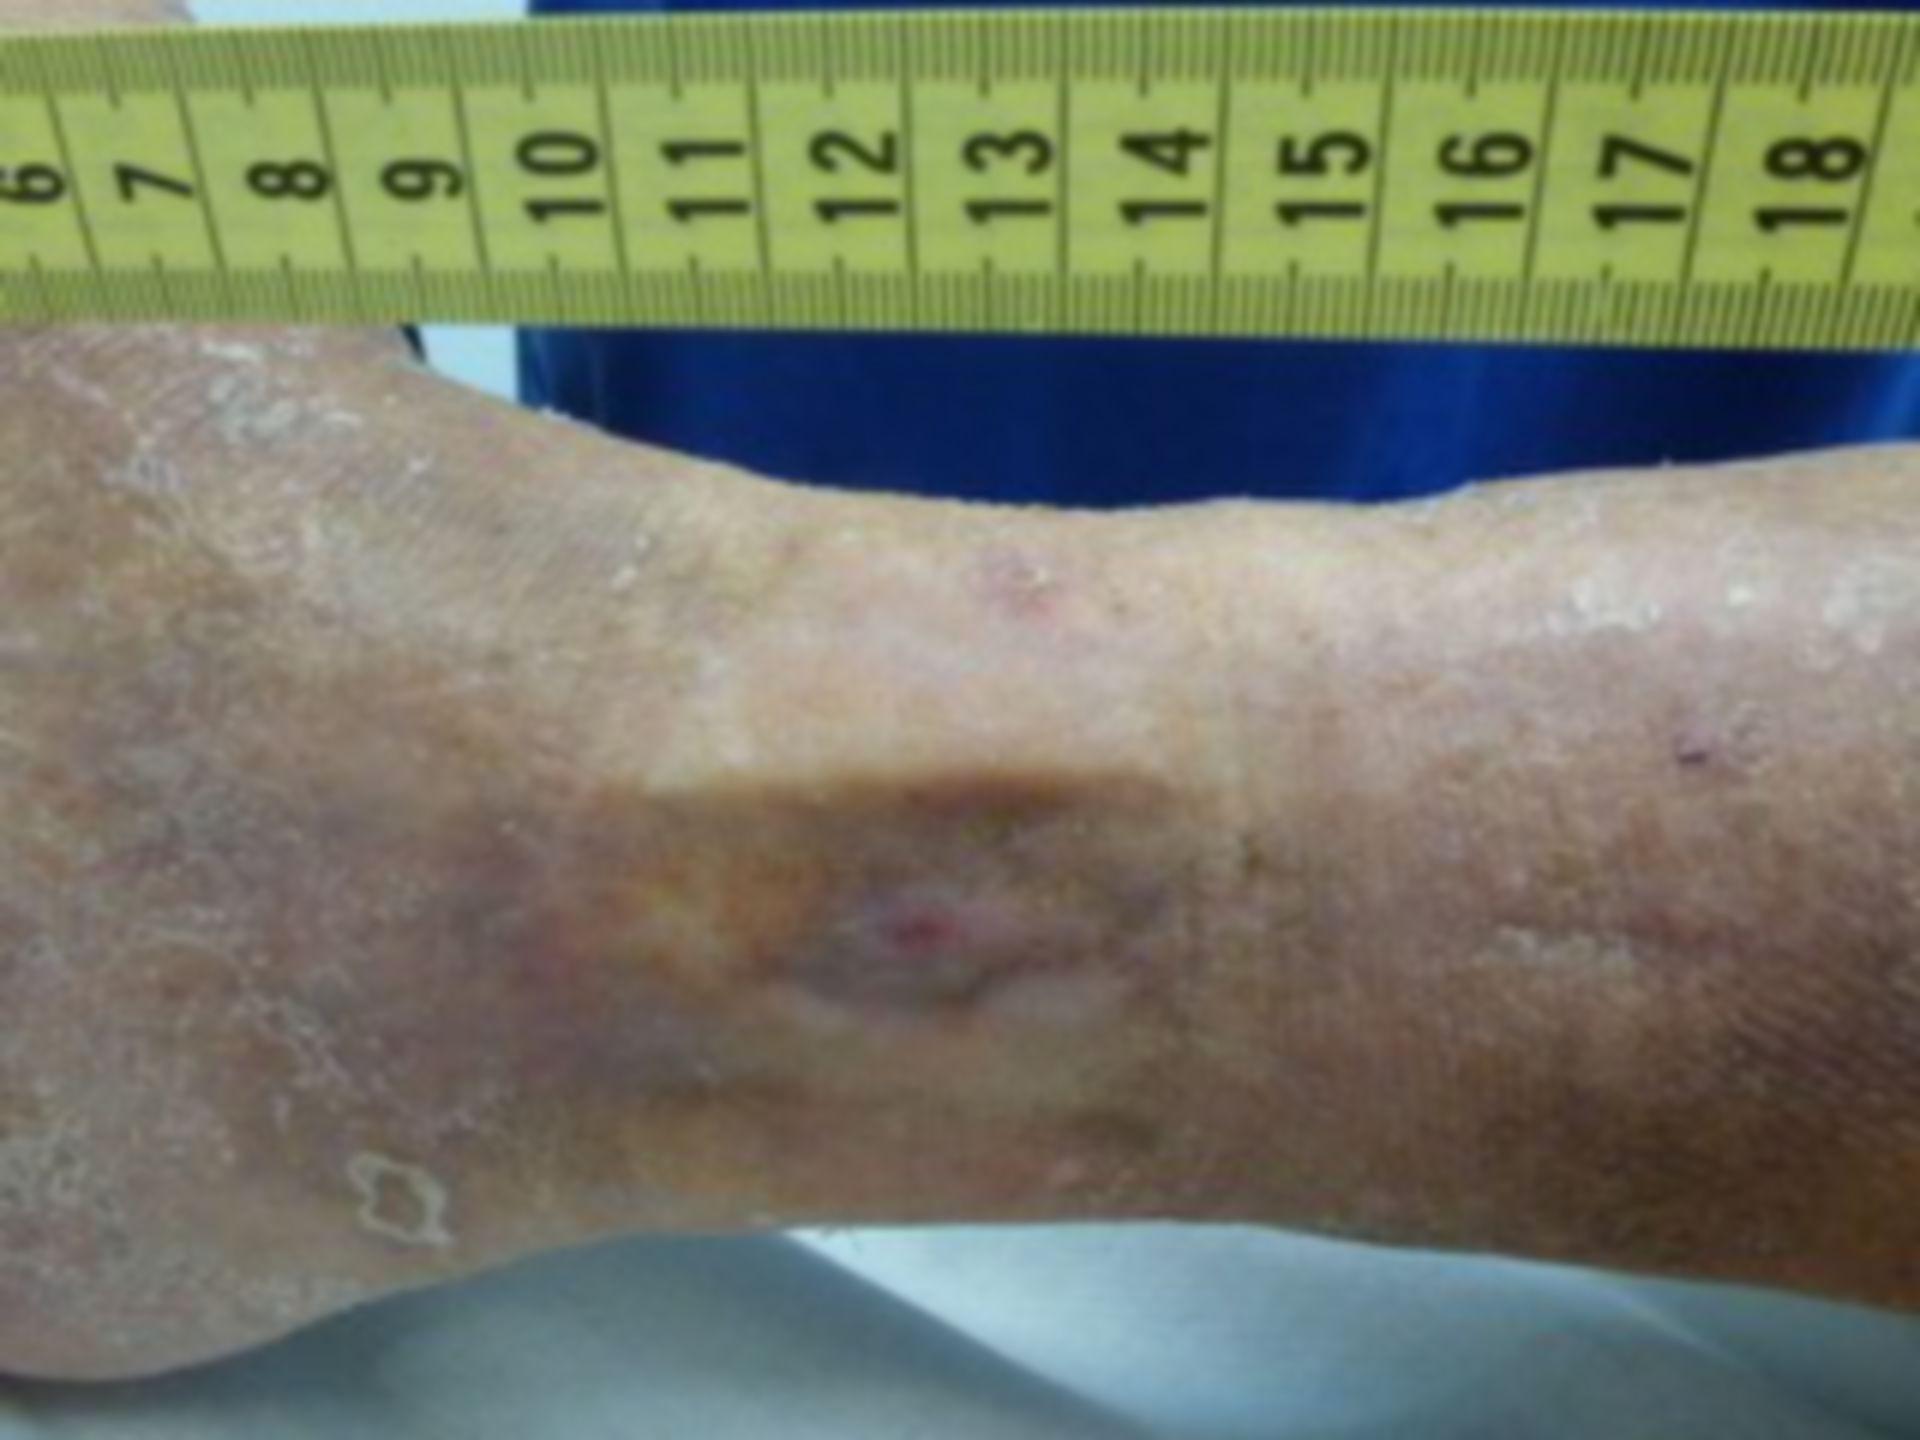 Úlcera de la pierna - abierta por 18 meses (12)